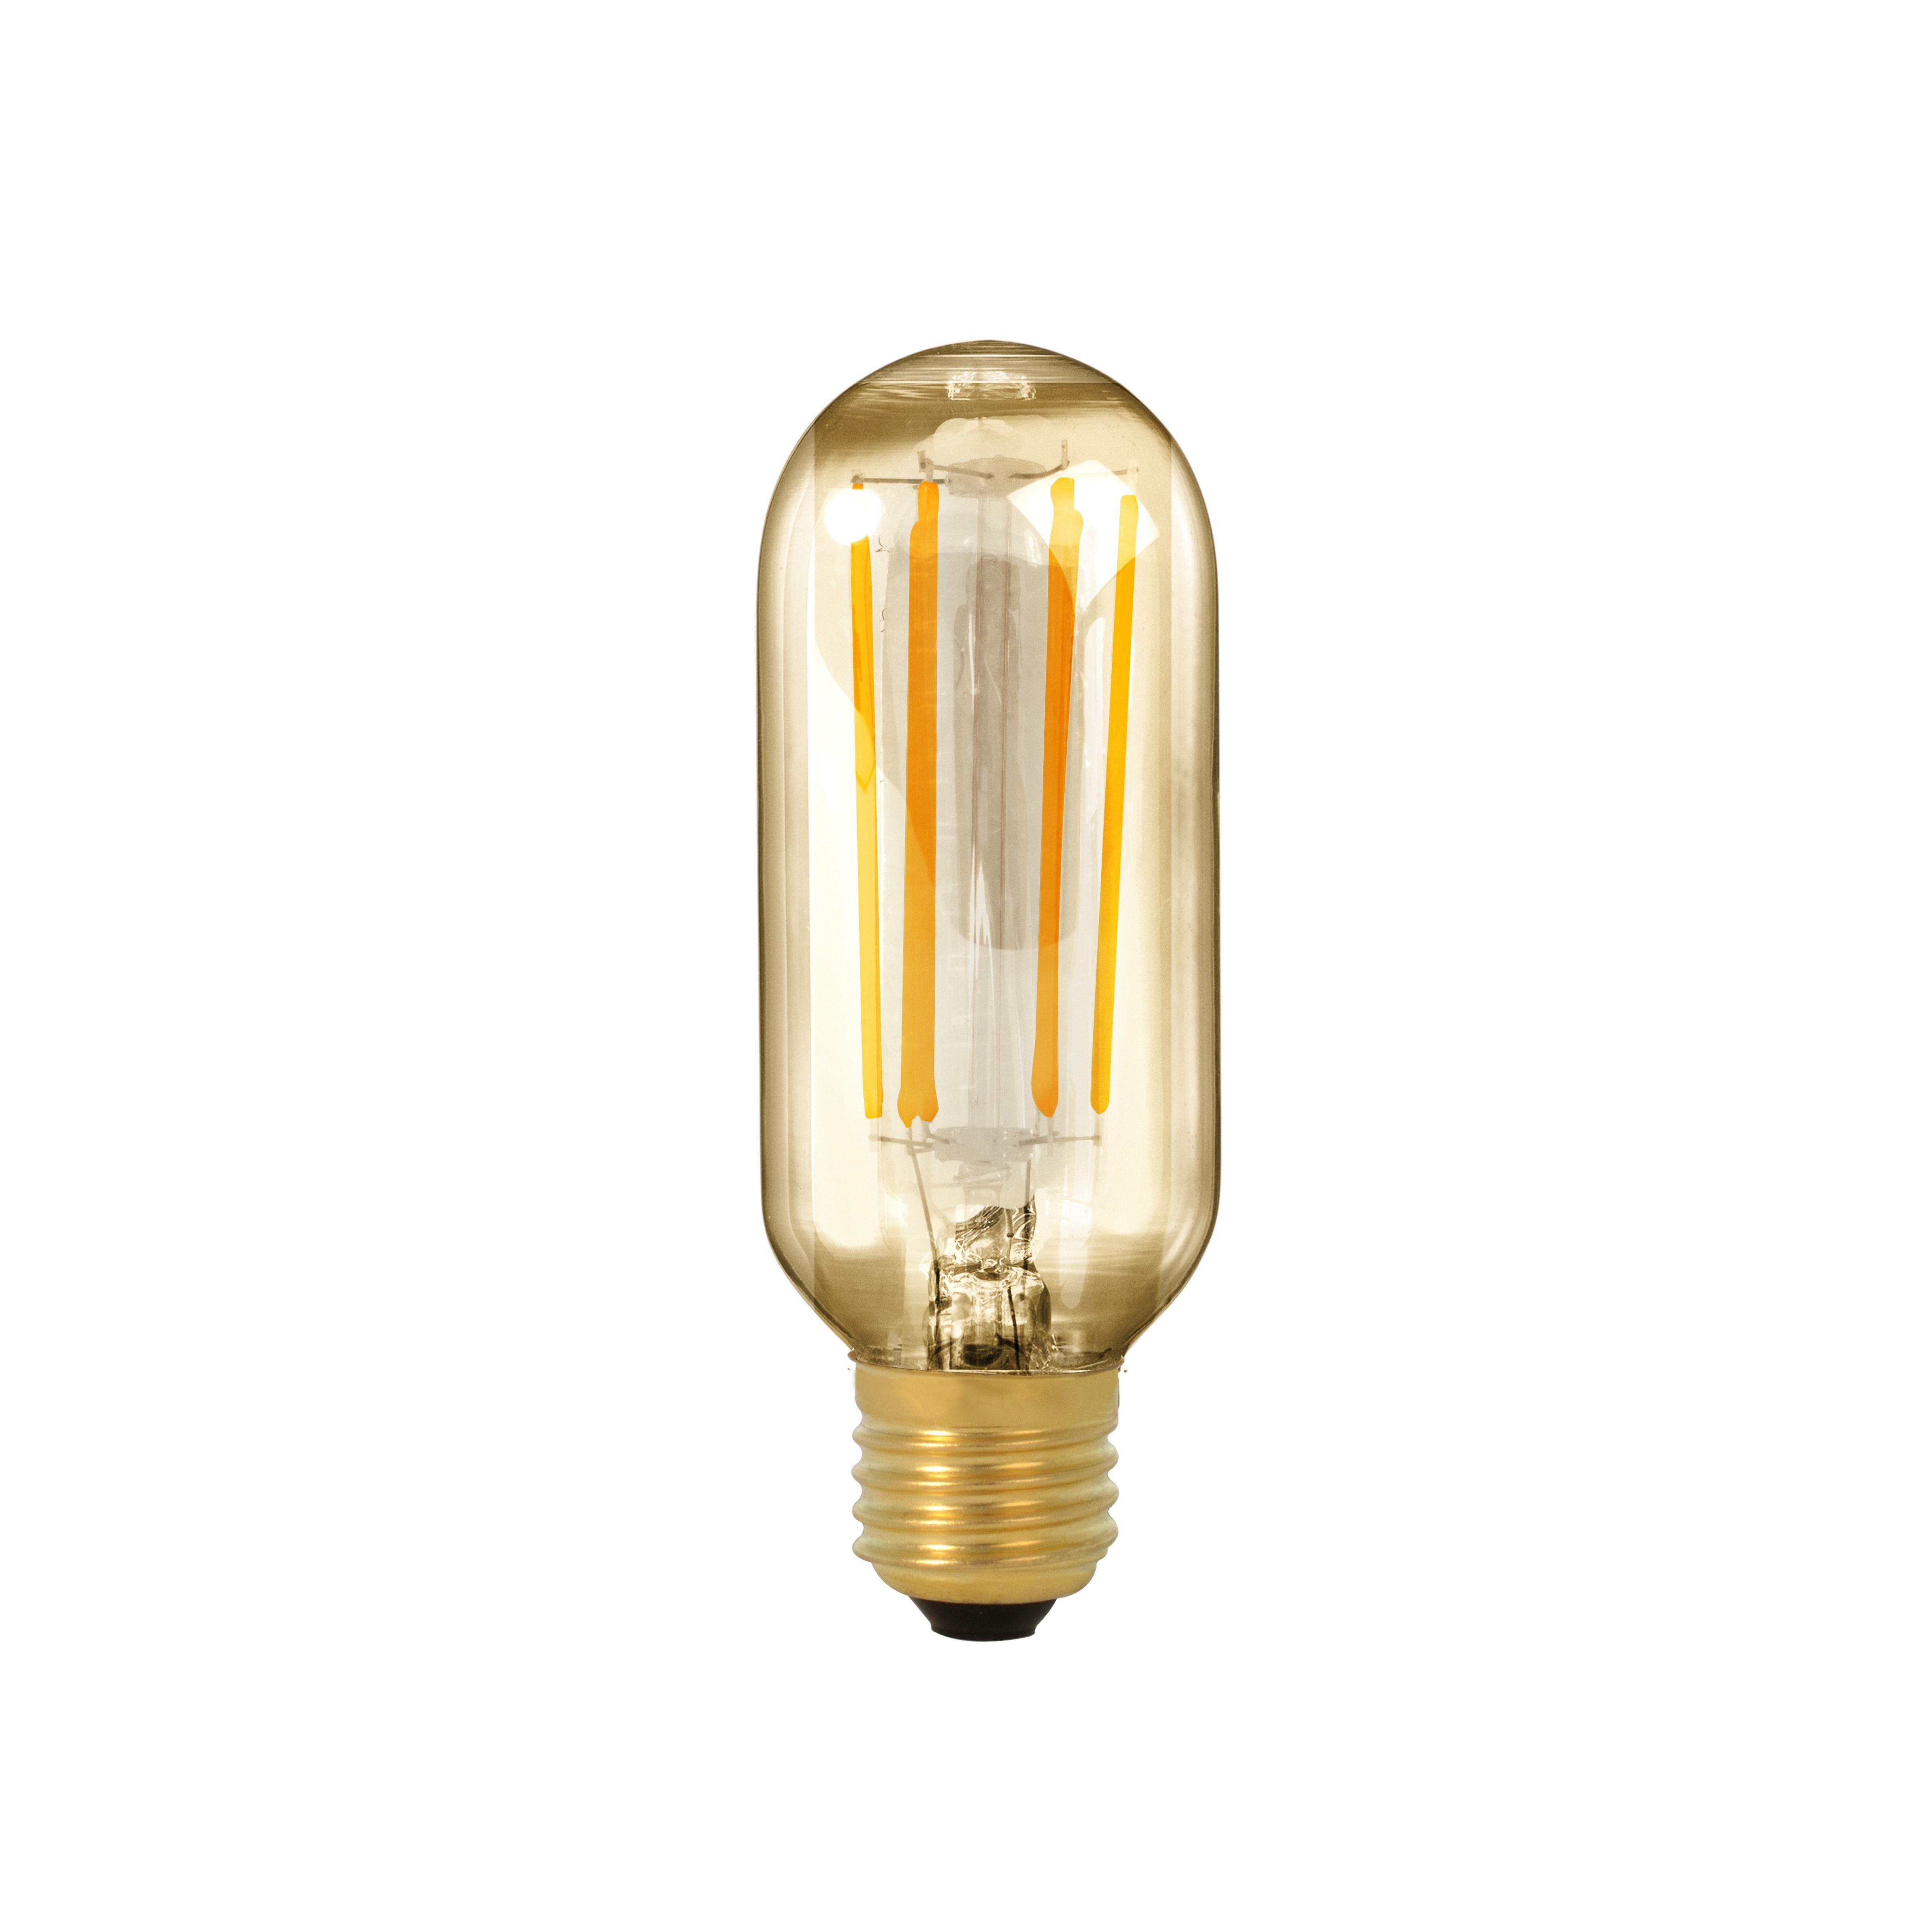 Calex Led Filament 14 5 Cm Buislamp E27 4w Dimbaar Kopen Led Lampen Karwei Buislamp Led Led Lamp